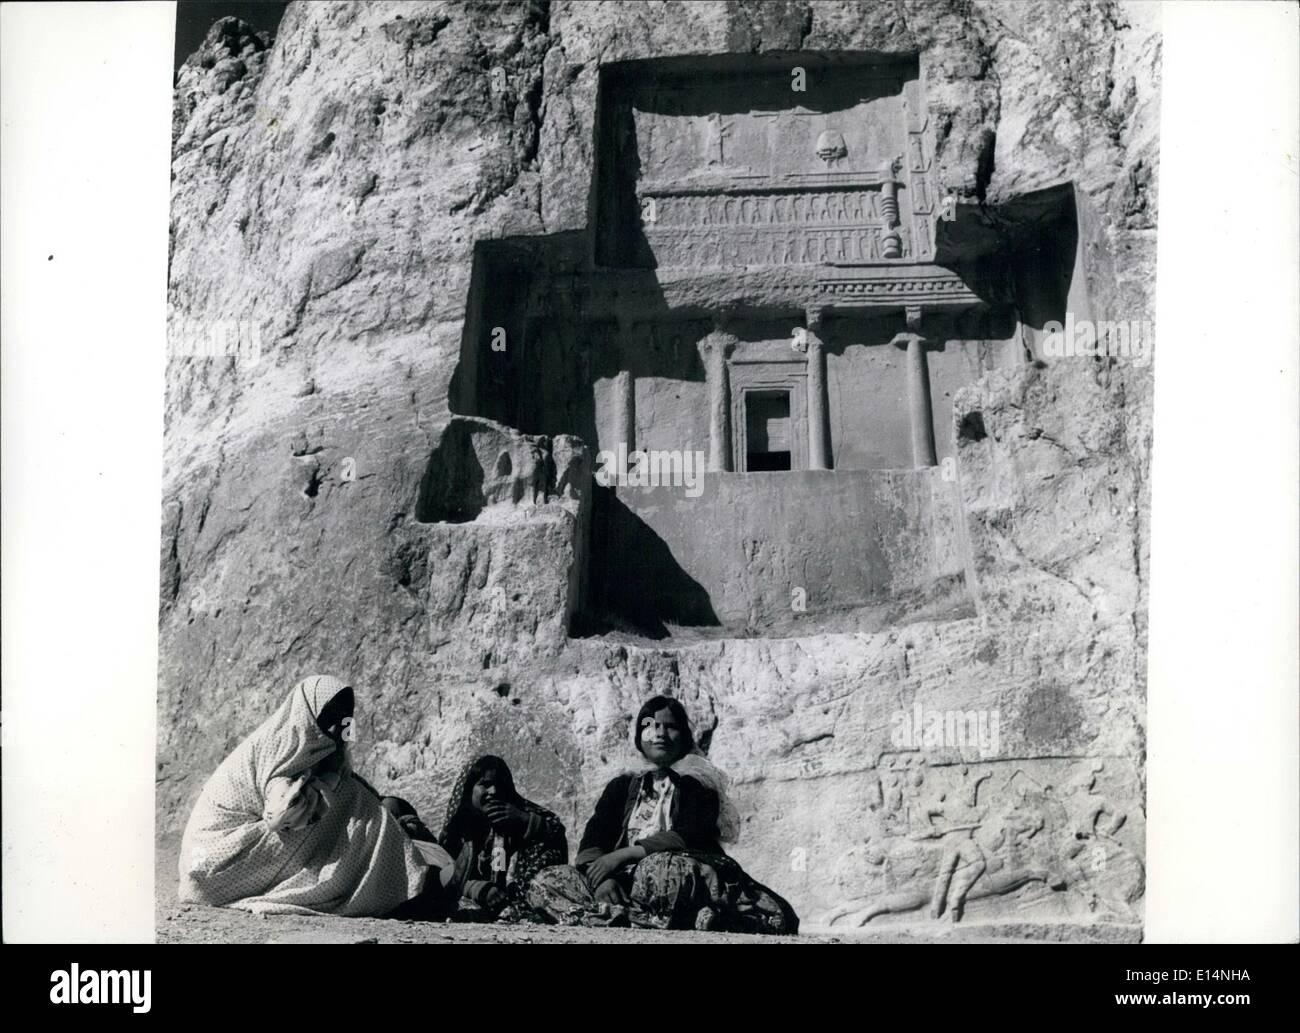 Abril 18, 2012 - podria ser la historia como estos campesinos locales relajarse debajo de las tallas en las cercanías de la tumba de un antiguo emperador persa cerca de Persépolis, Irán. Imagen De Stock